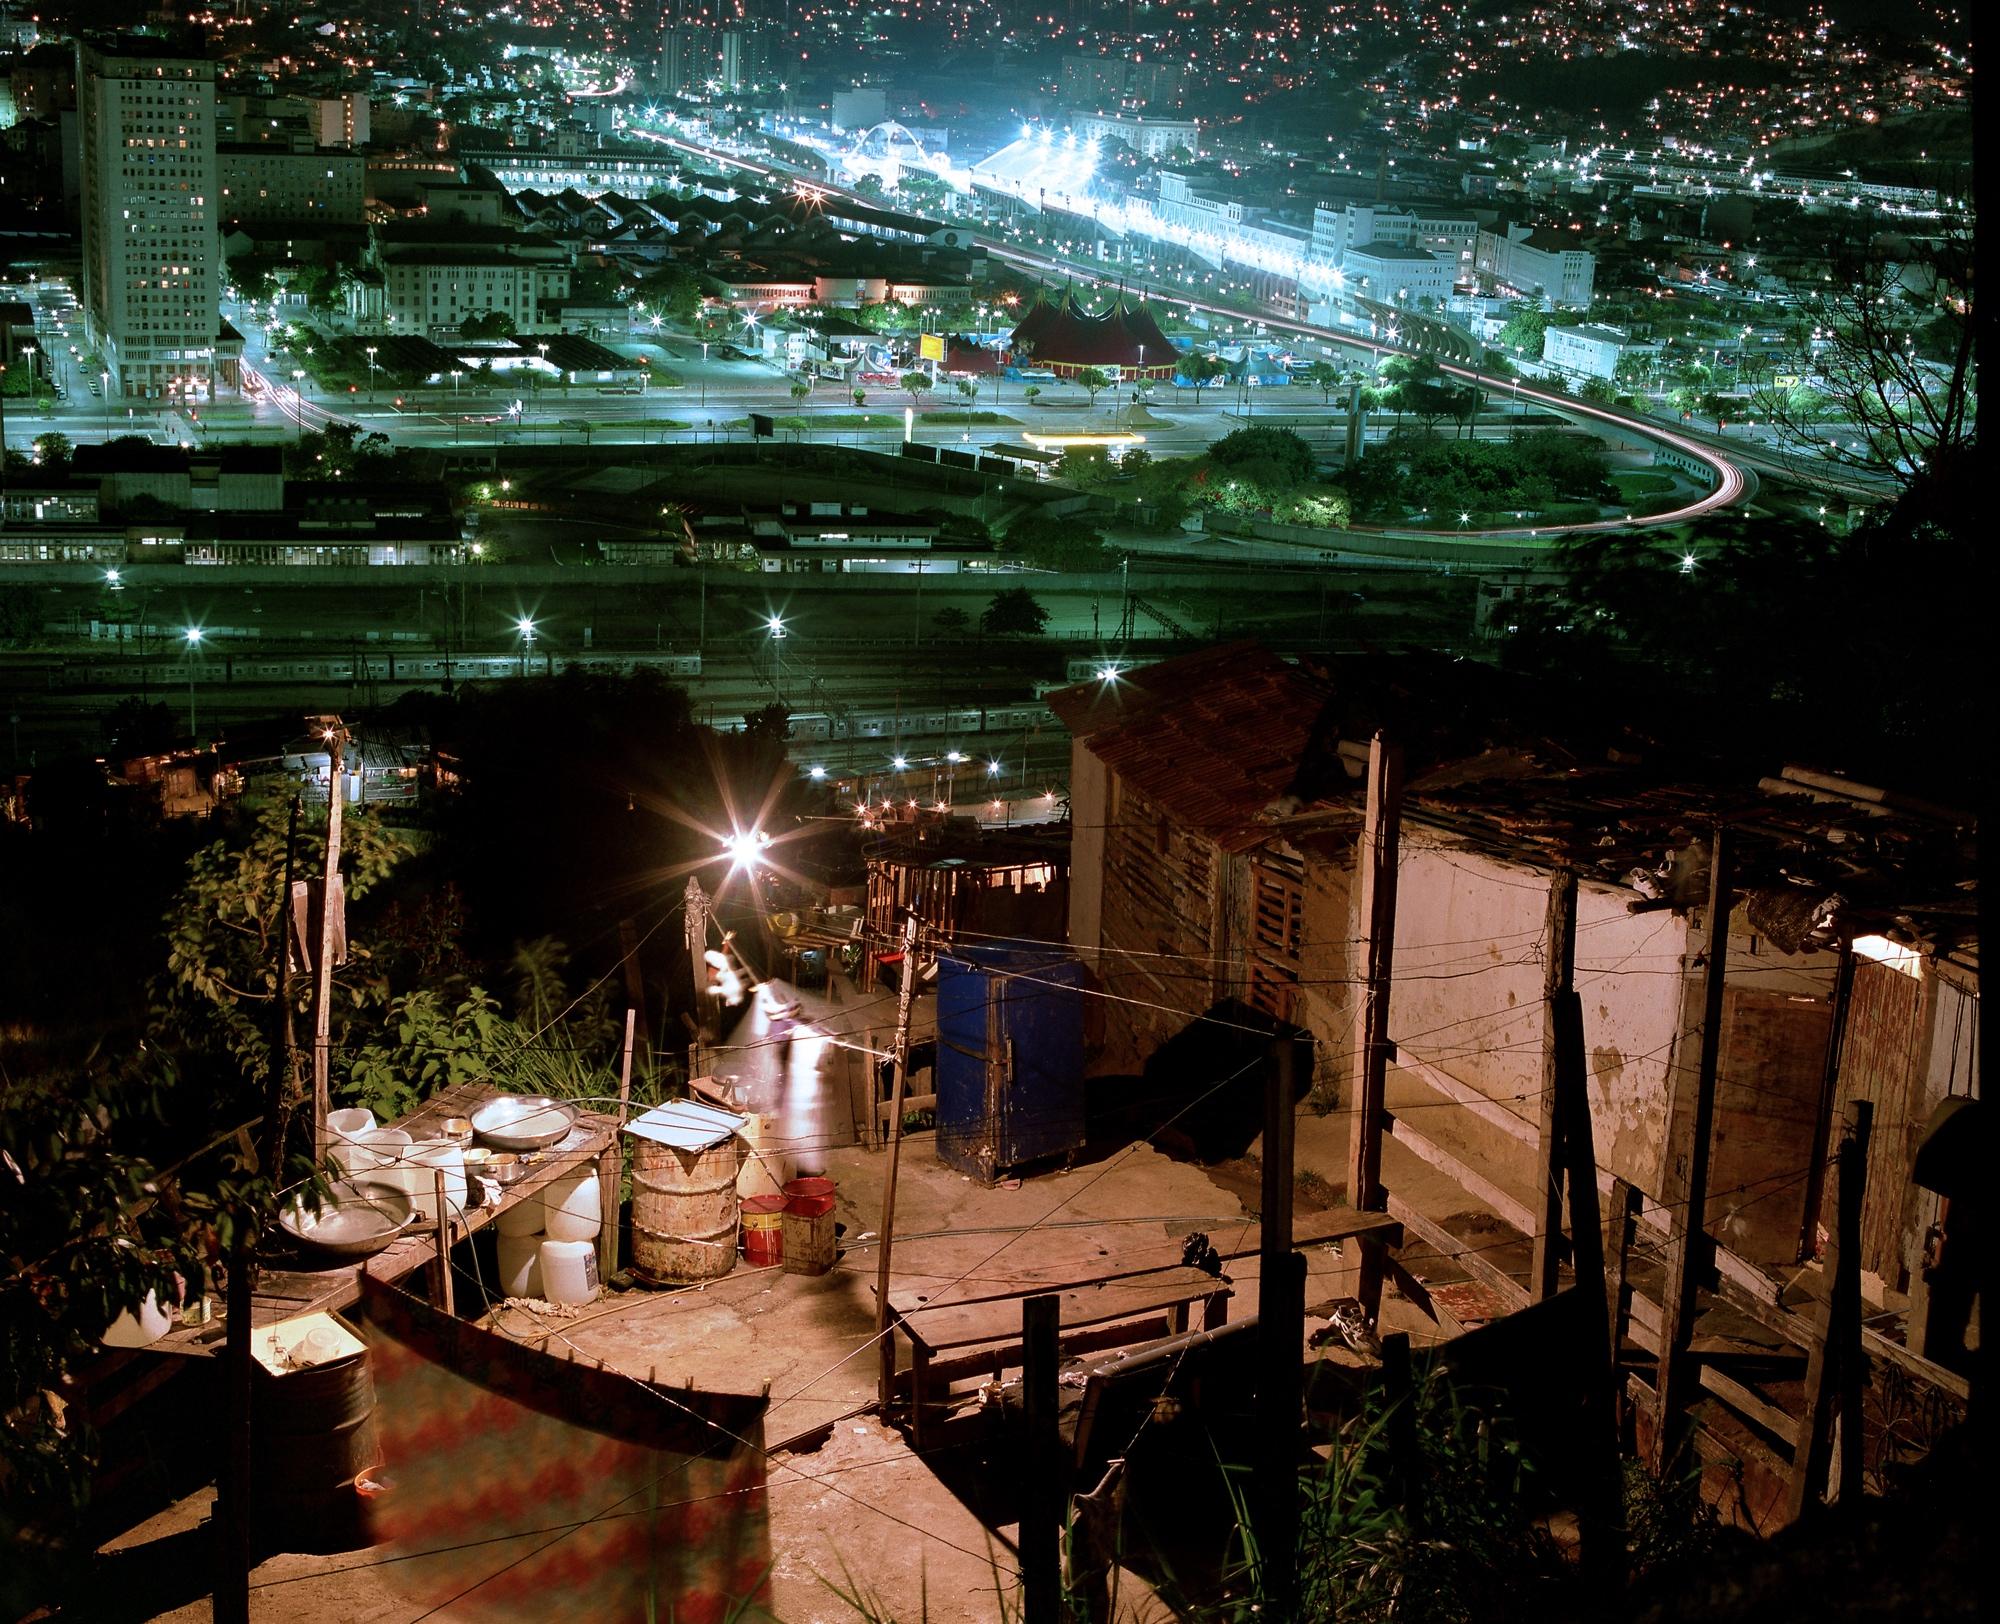 Um clique noturno do Morro da Providência. Crédito: Maurício Hora